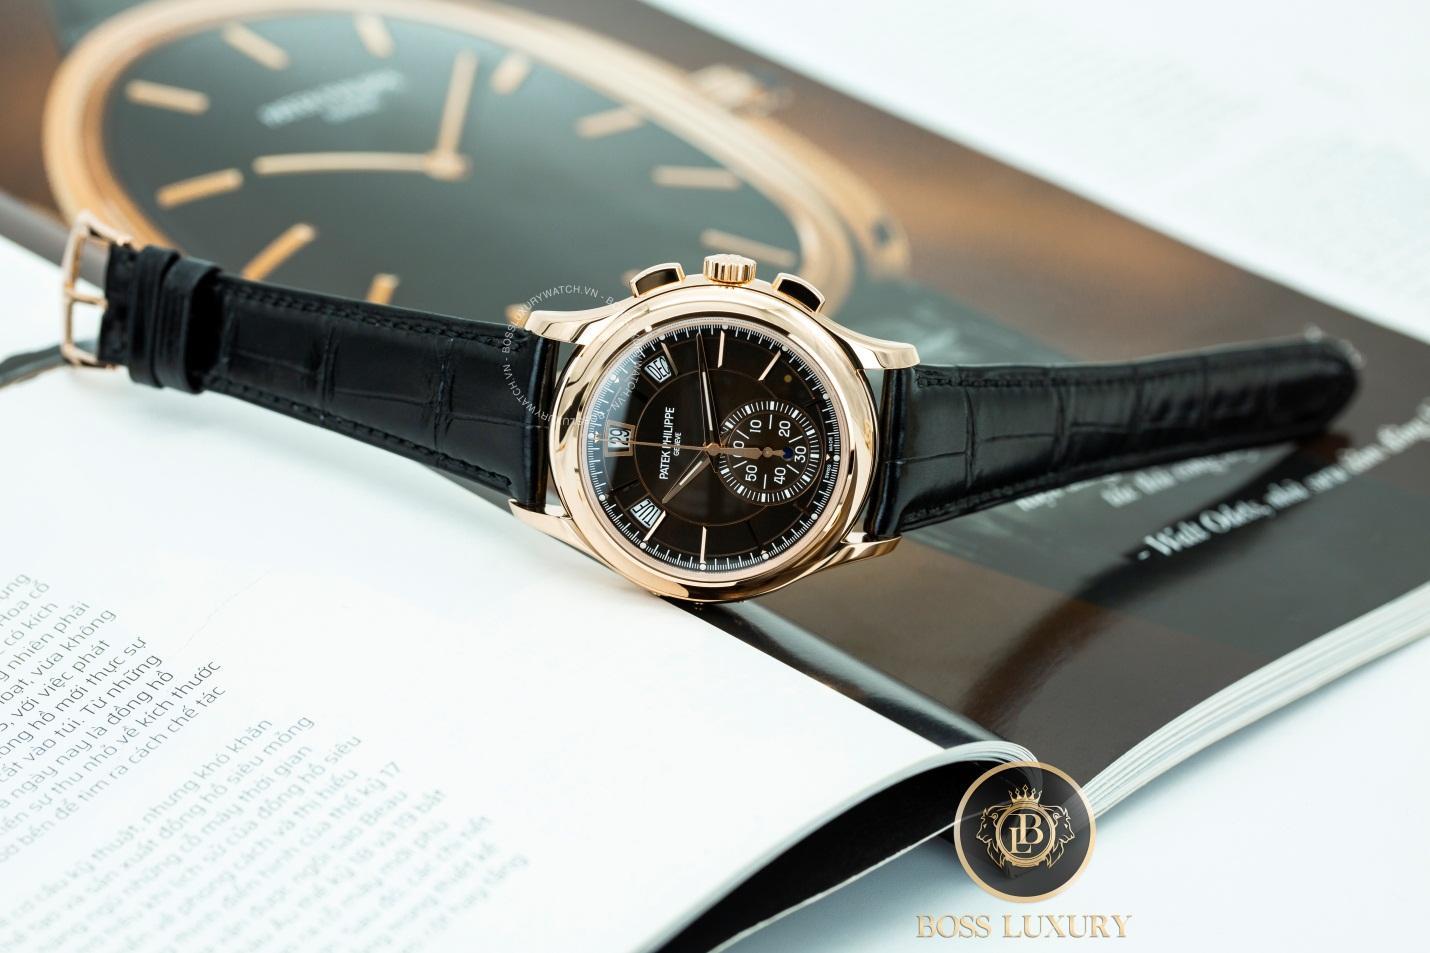 Boss Luxury mách bạn 5 mẫu đồng hồ nam tuyệt đẹp theo từng phong cách - Ảnh 5